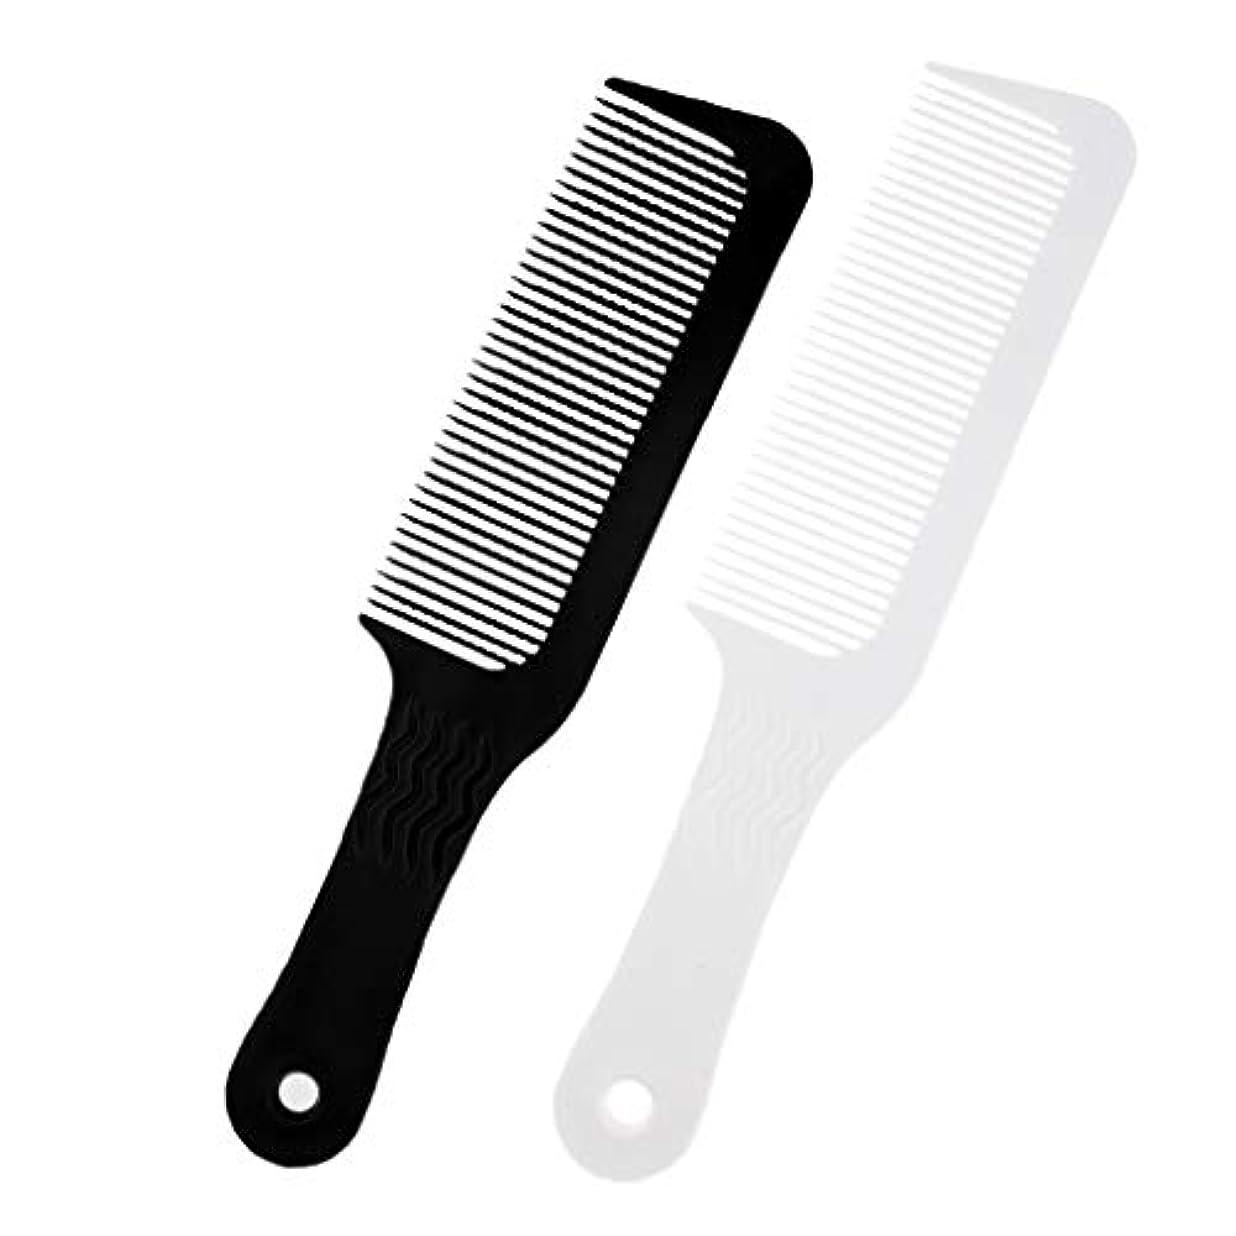 ピッチ後バルコニーToygogo プロ3ピース理髪サロンフラットトップクリッパーくし美容師スタイリング切削デタングルブラシツール